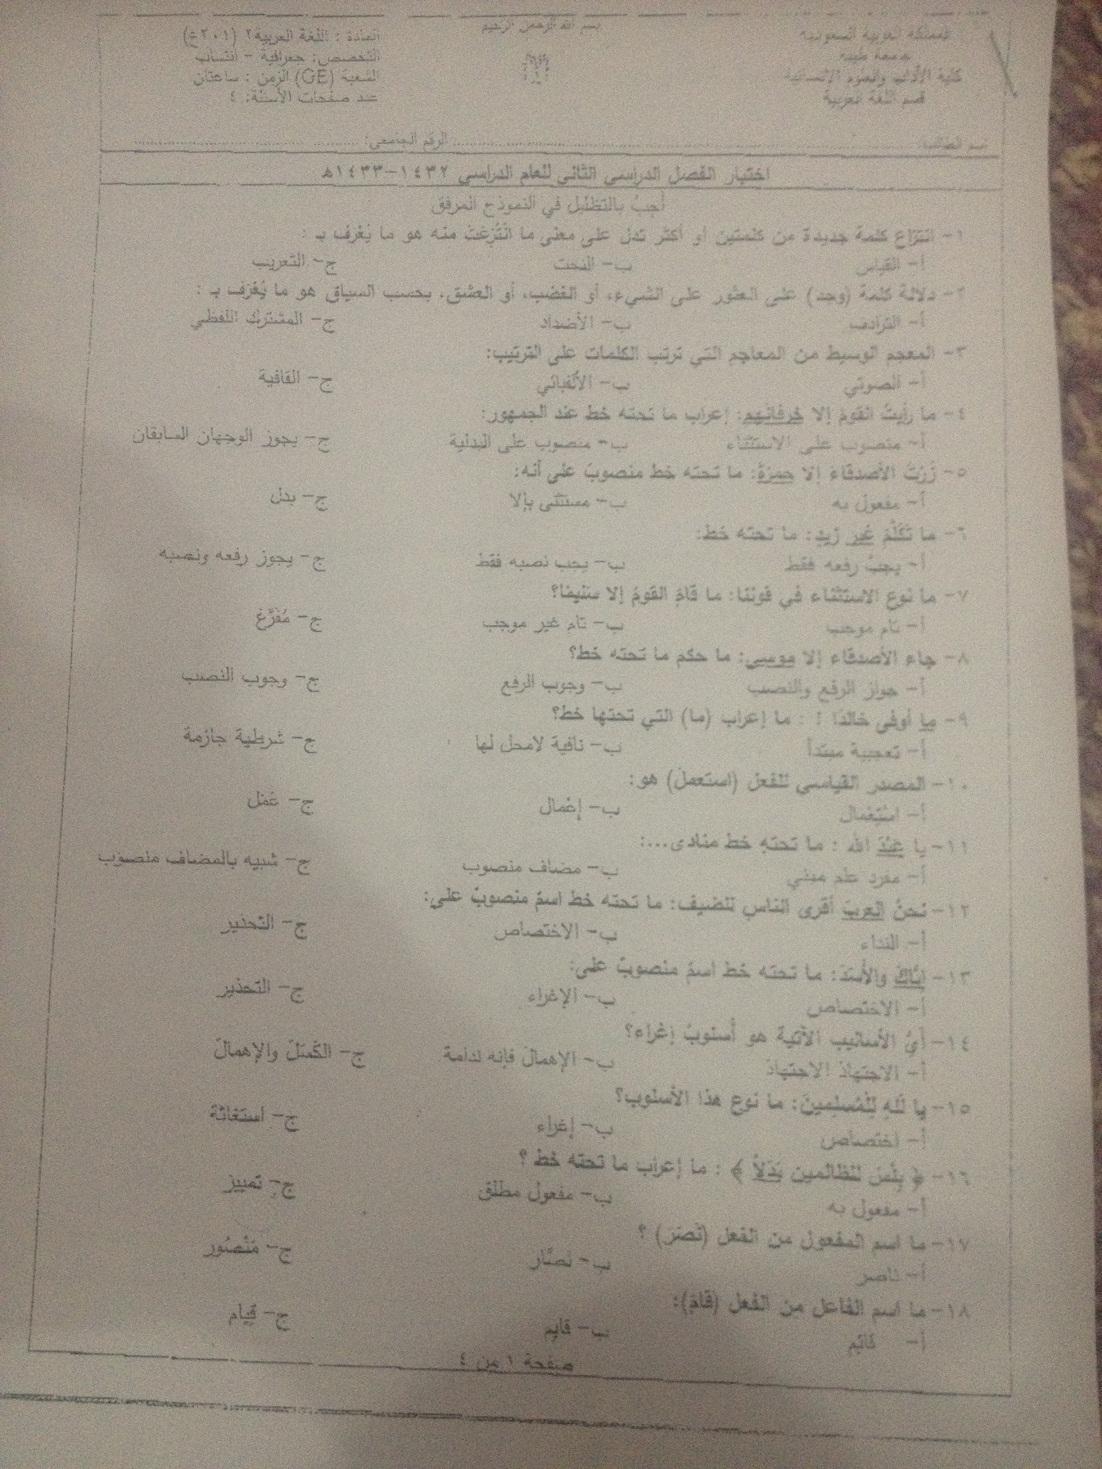 اسئلة اختبار مادة اللغة العربية (2) الفصل الدراسي الثاني 1433هـ 1903.jpg